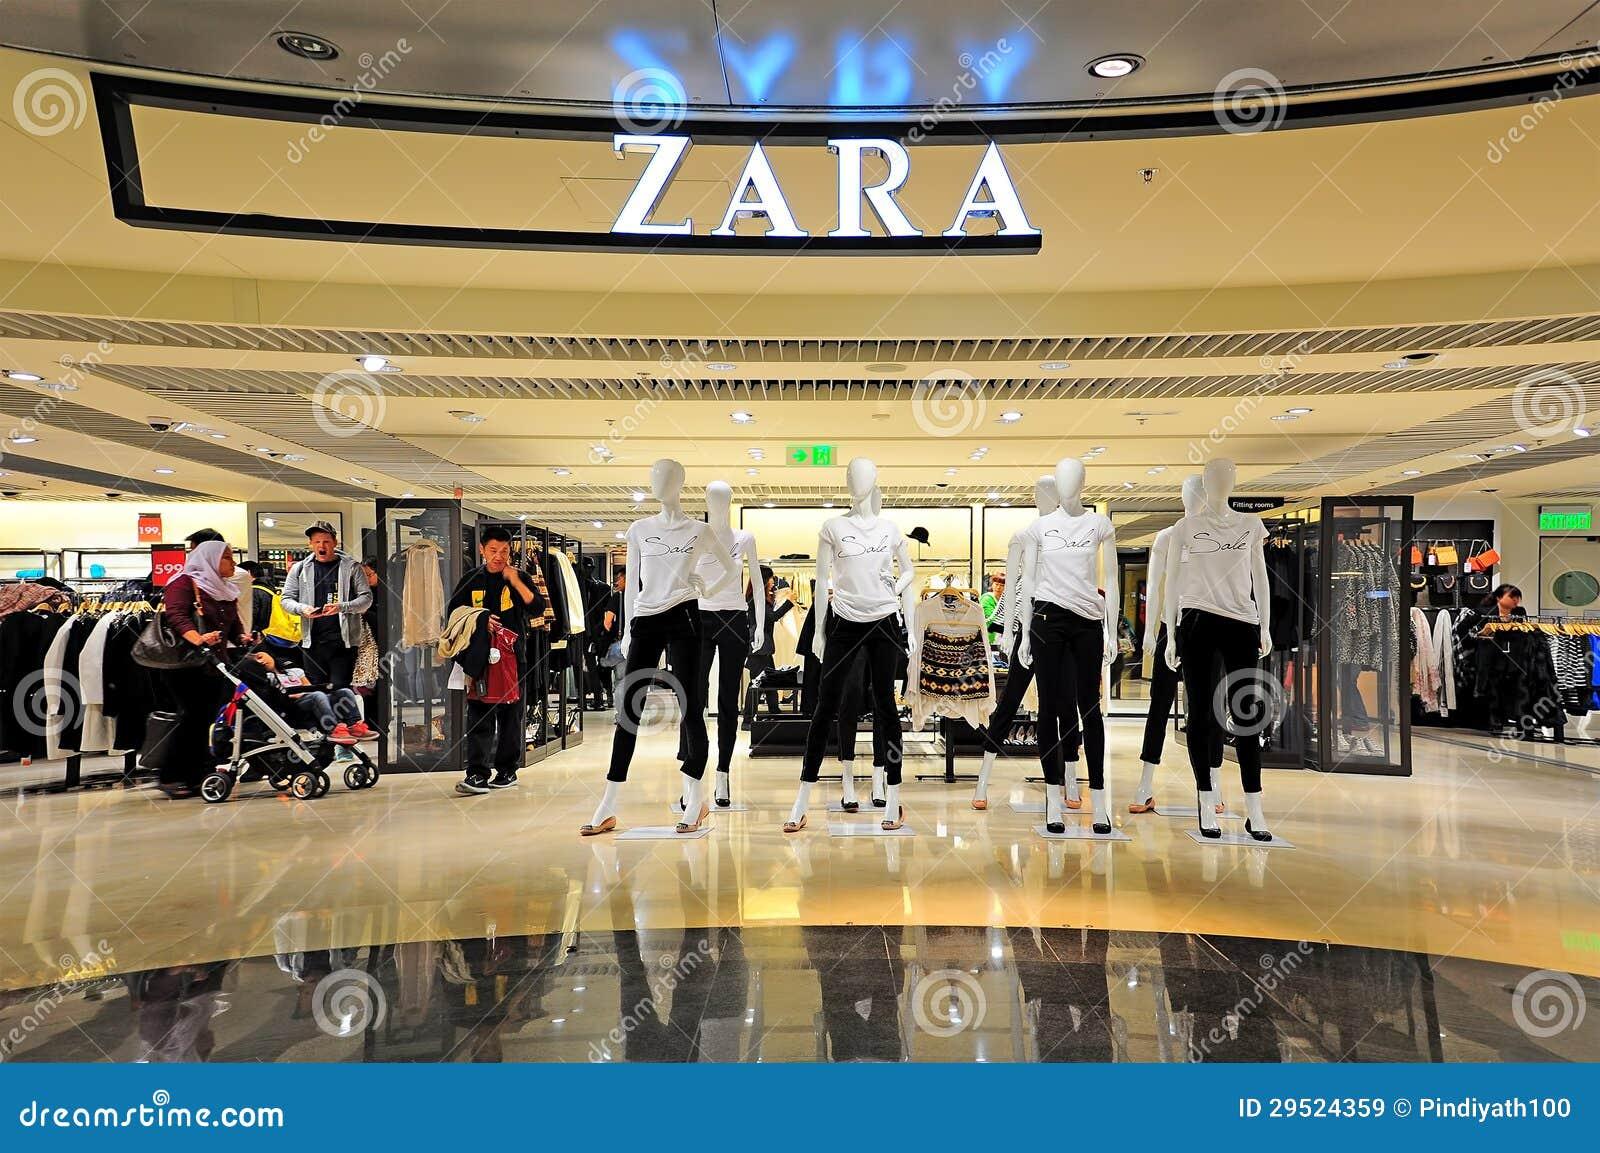 Latest Zara Sales & Offers